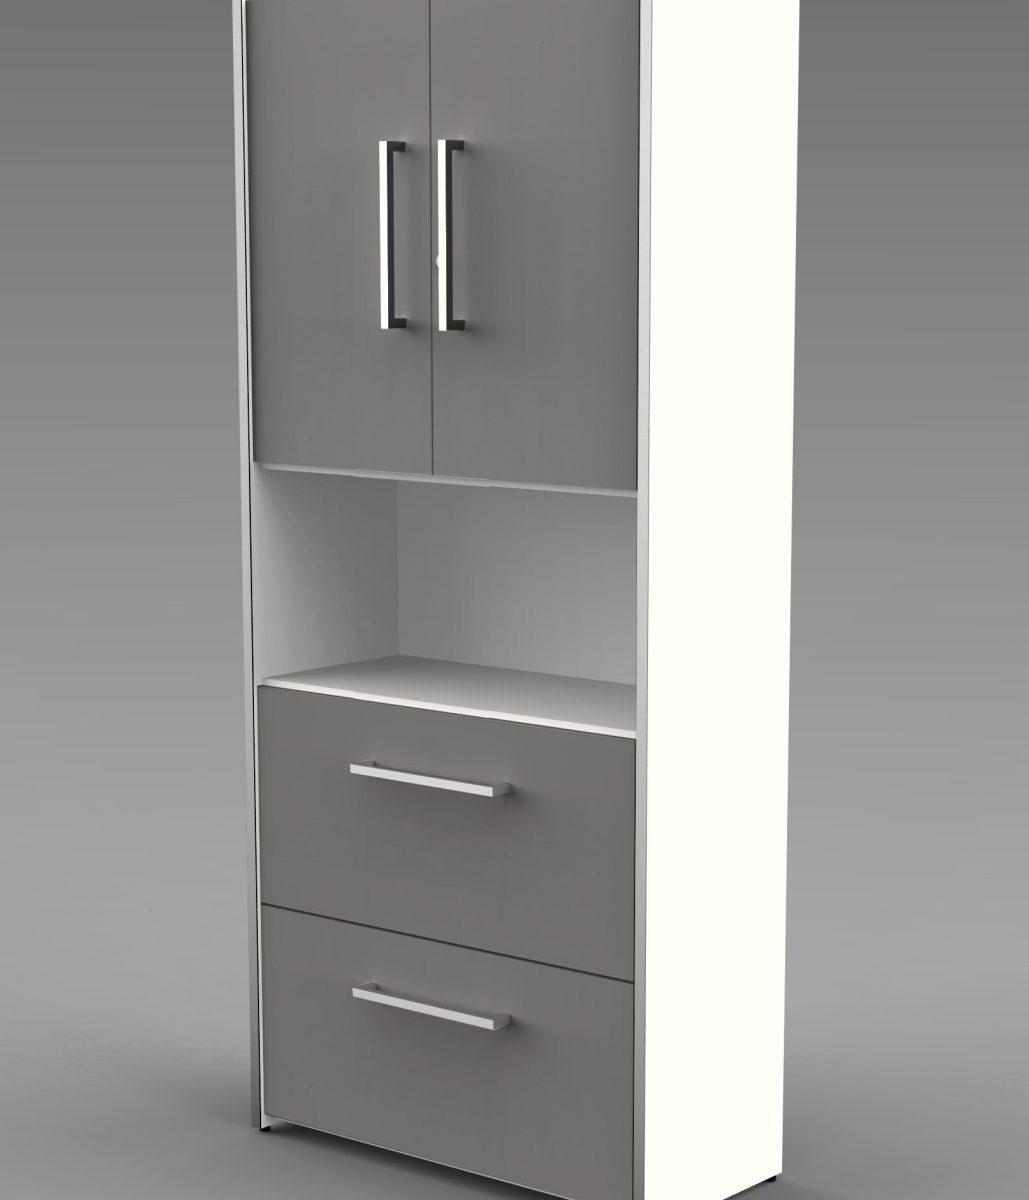 Büroschrank mit Türen und Hängeregisterschubladen